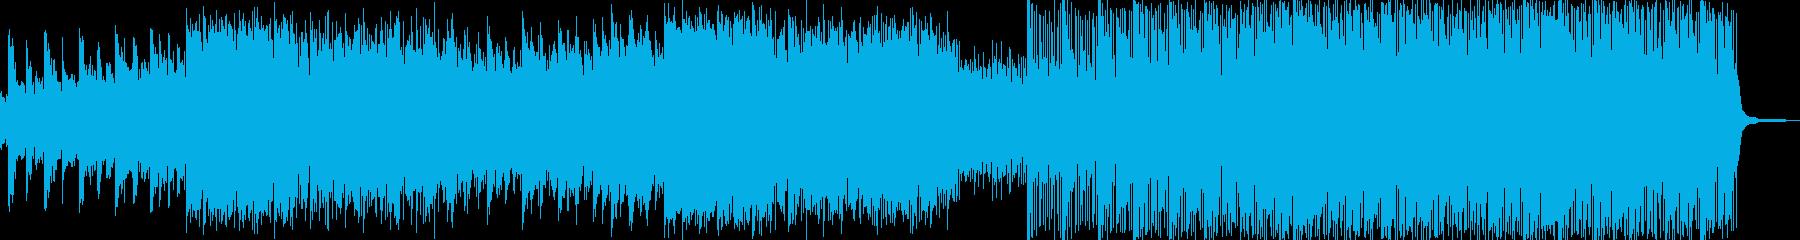 ヘヴィロック サスペンス アクショ...の再生済みの波形